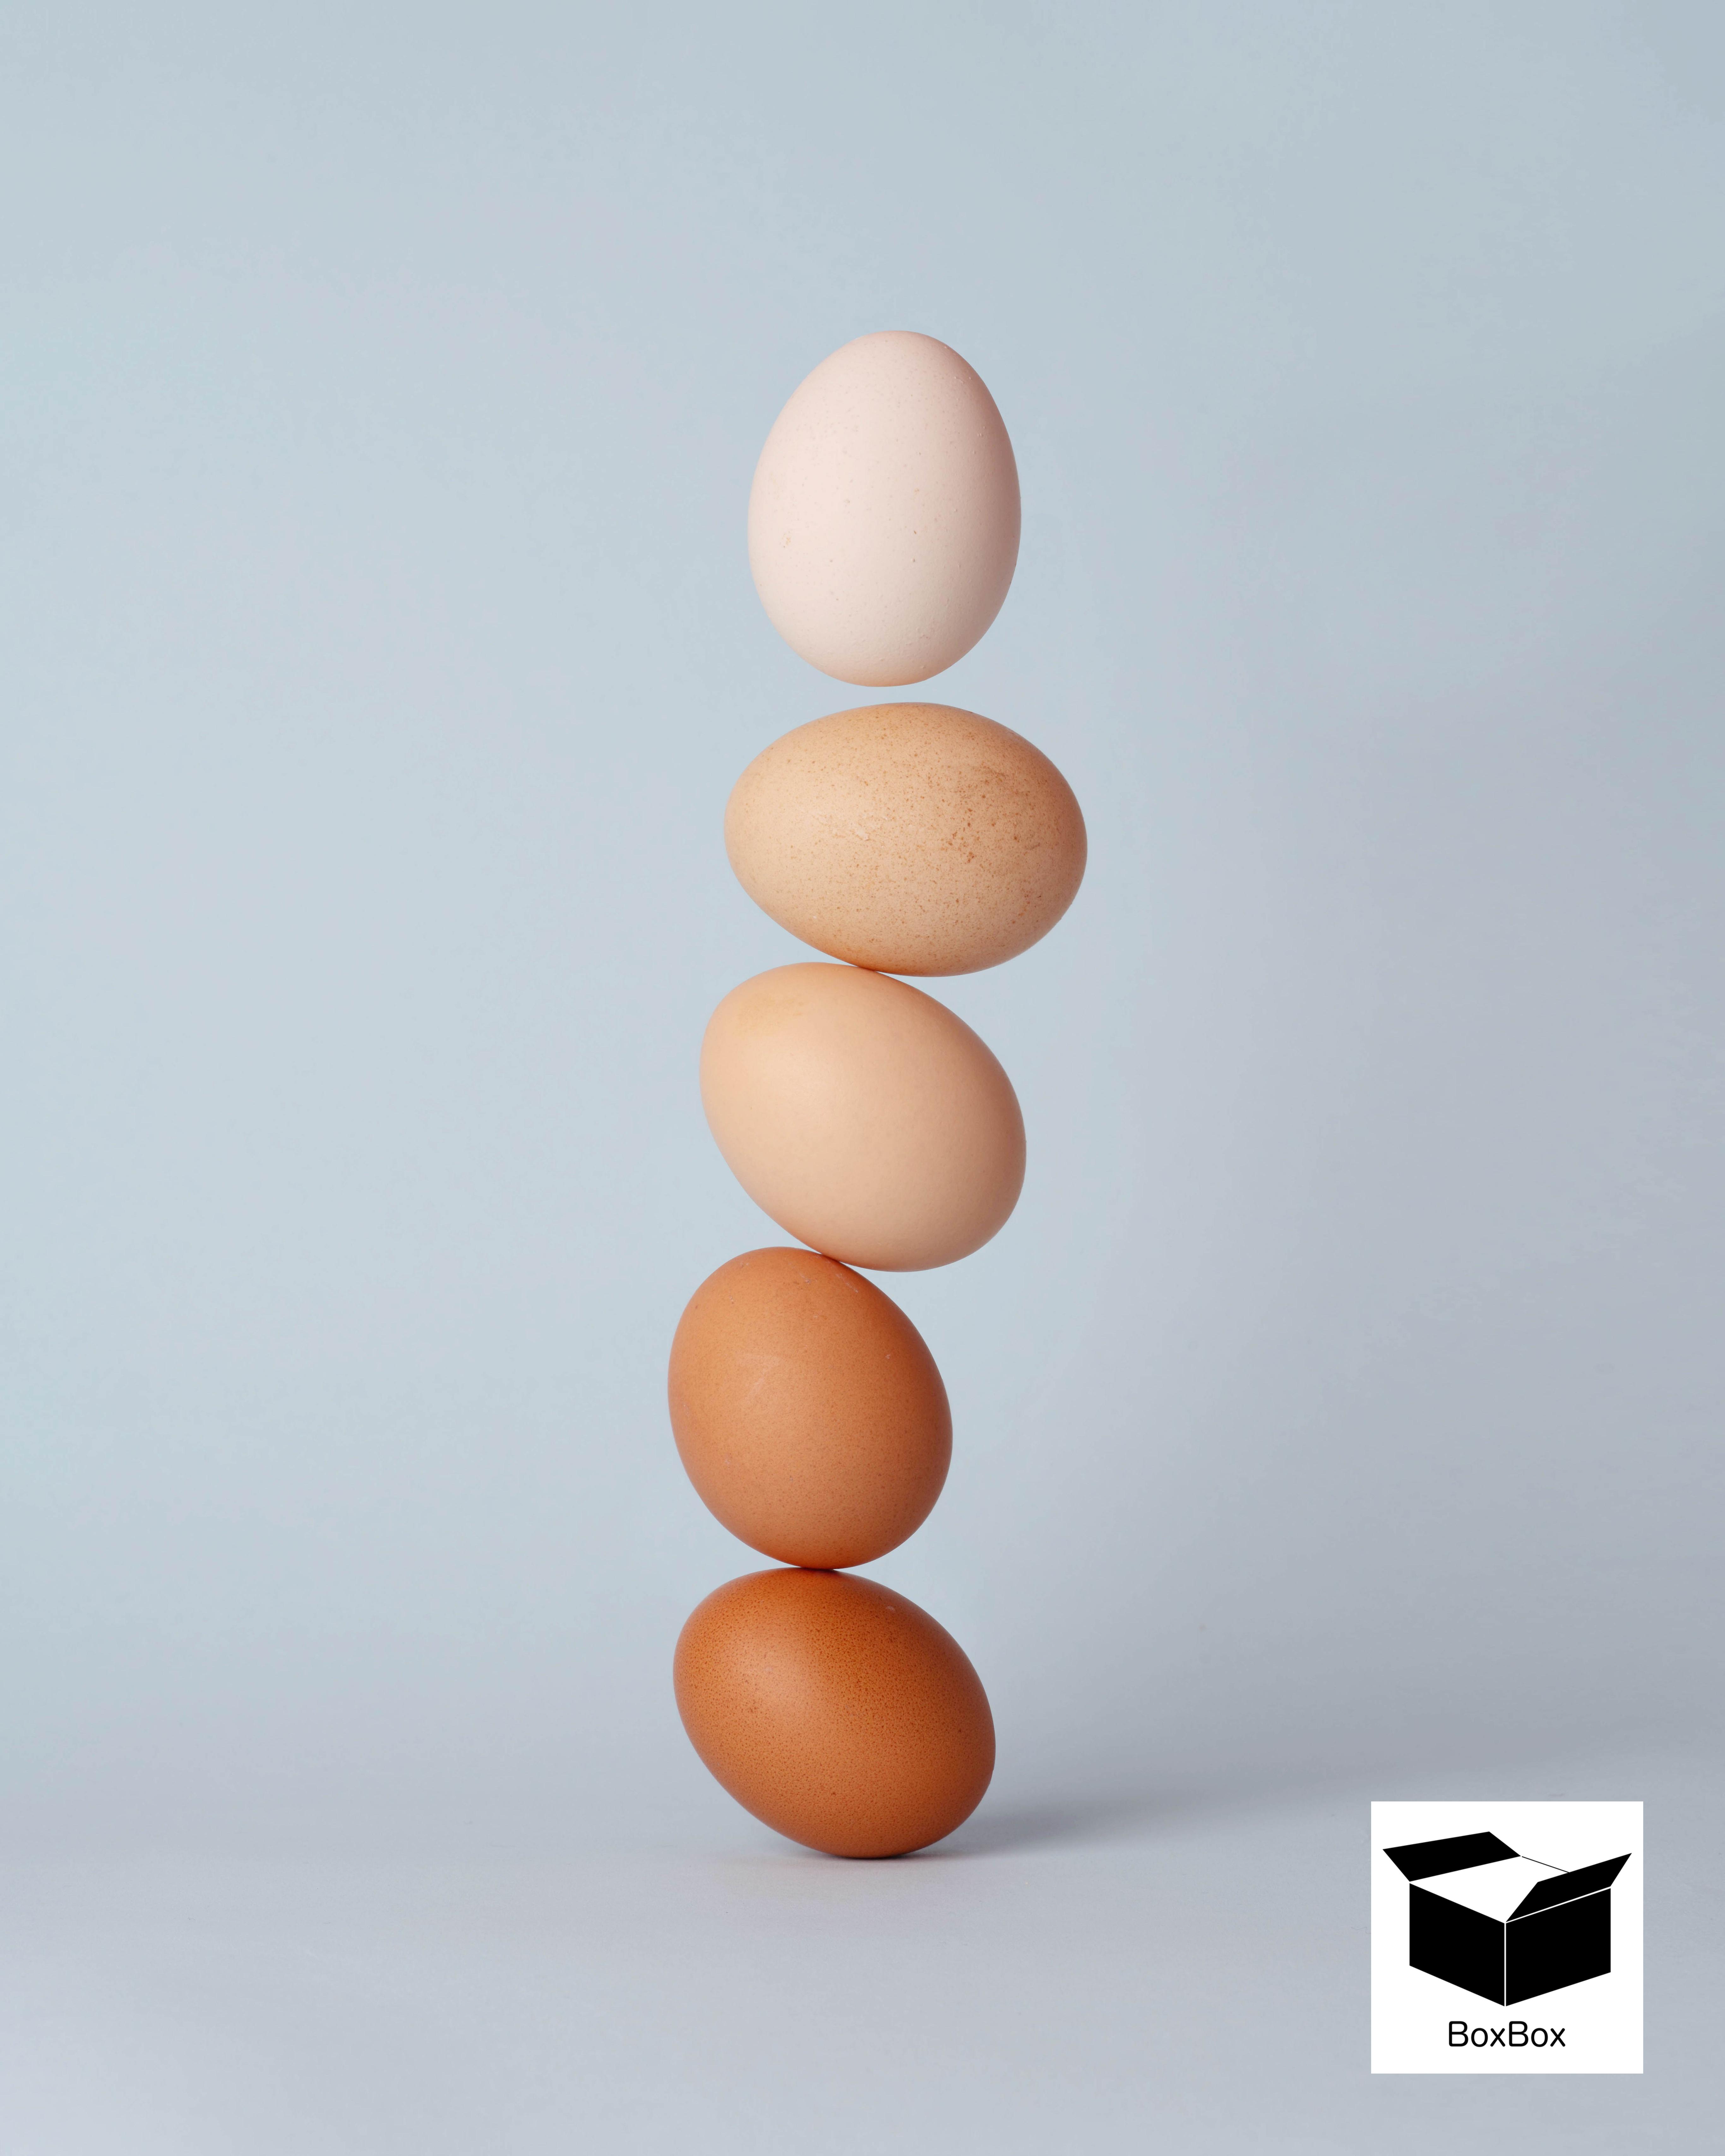 تفاوت تخم مرغ قهوه ای و سفید در چیست ؟